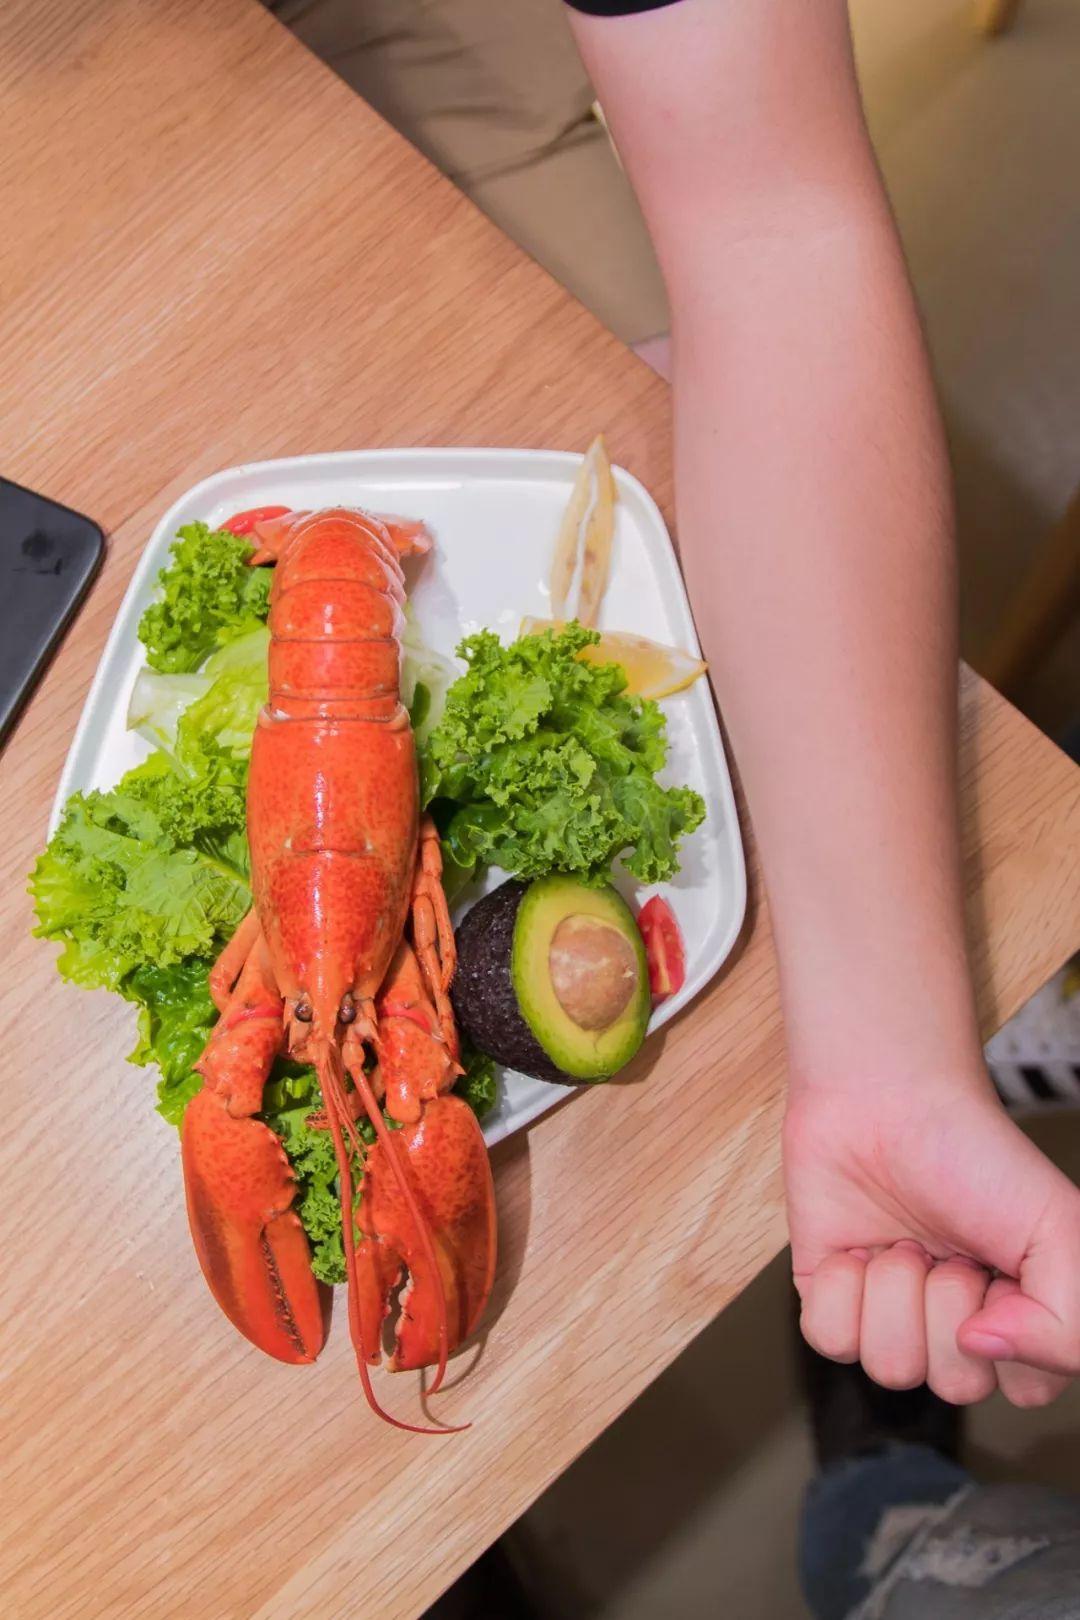 一整只波士顿龙虾就是一个包!广州首家龙虾包,登陆K11!